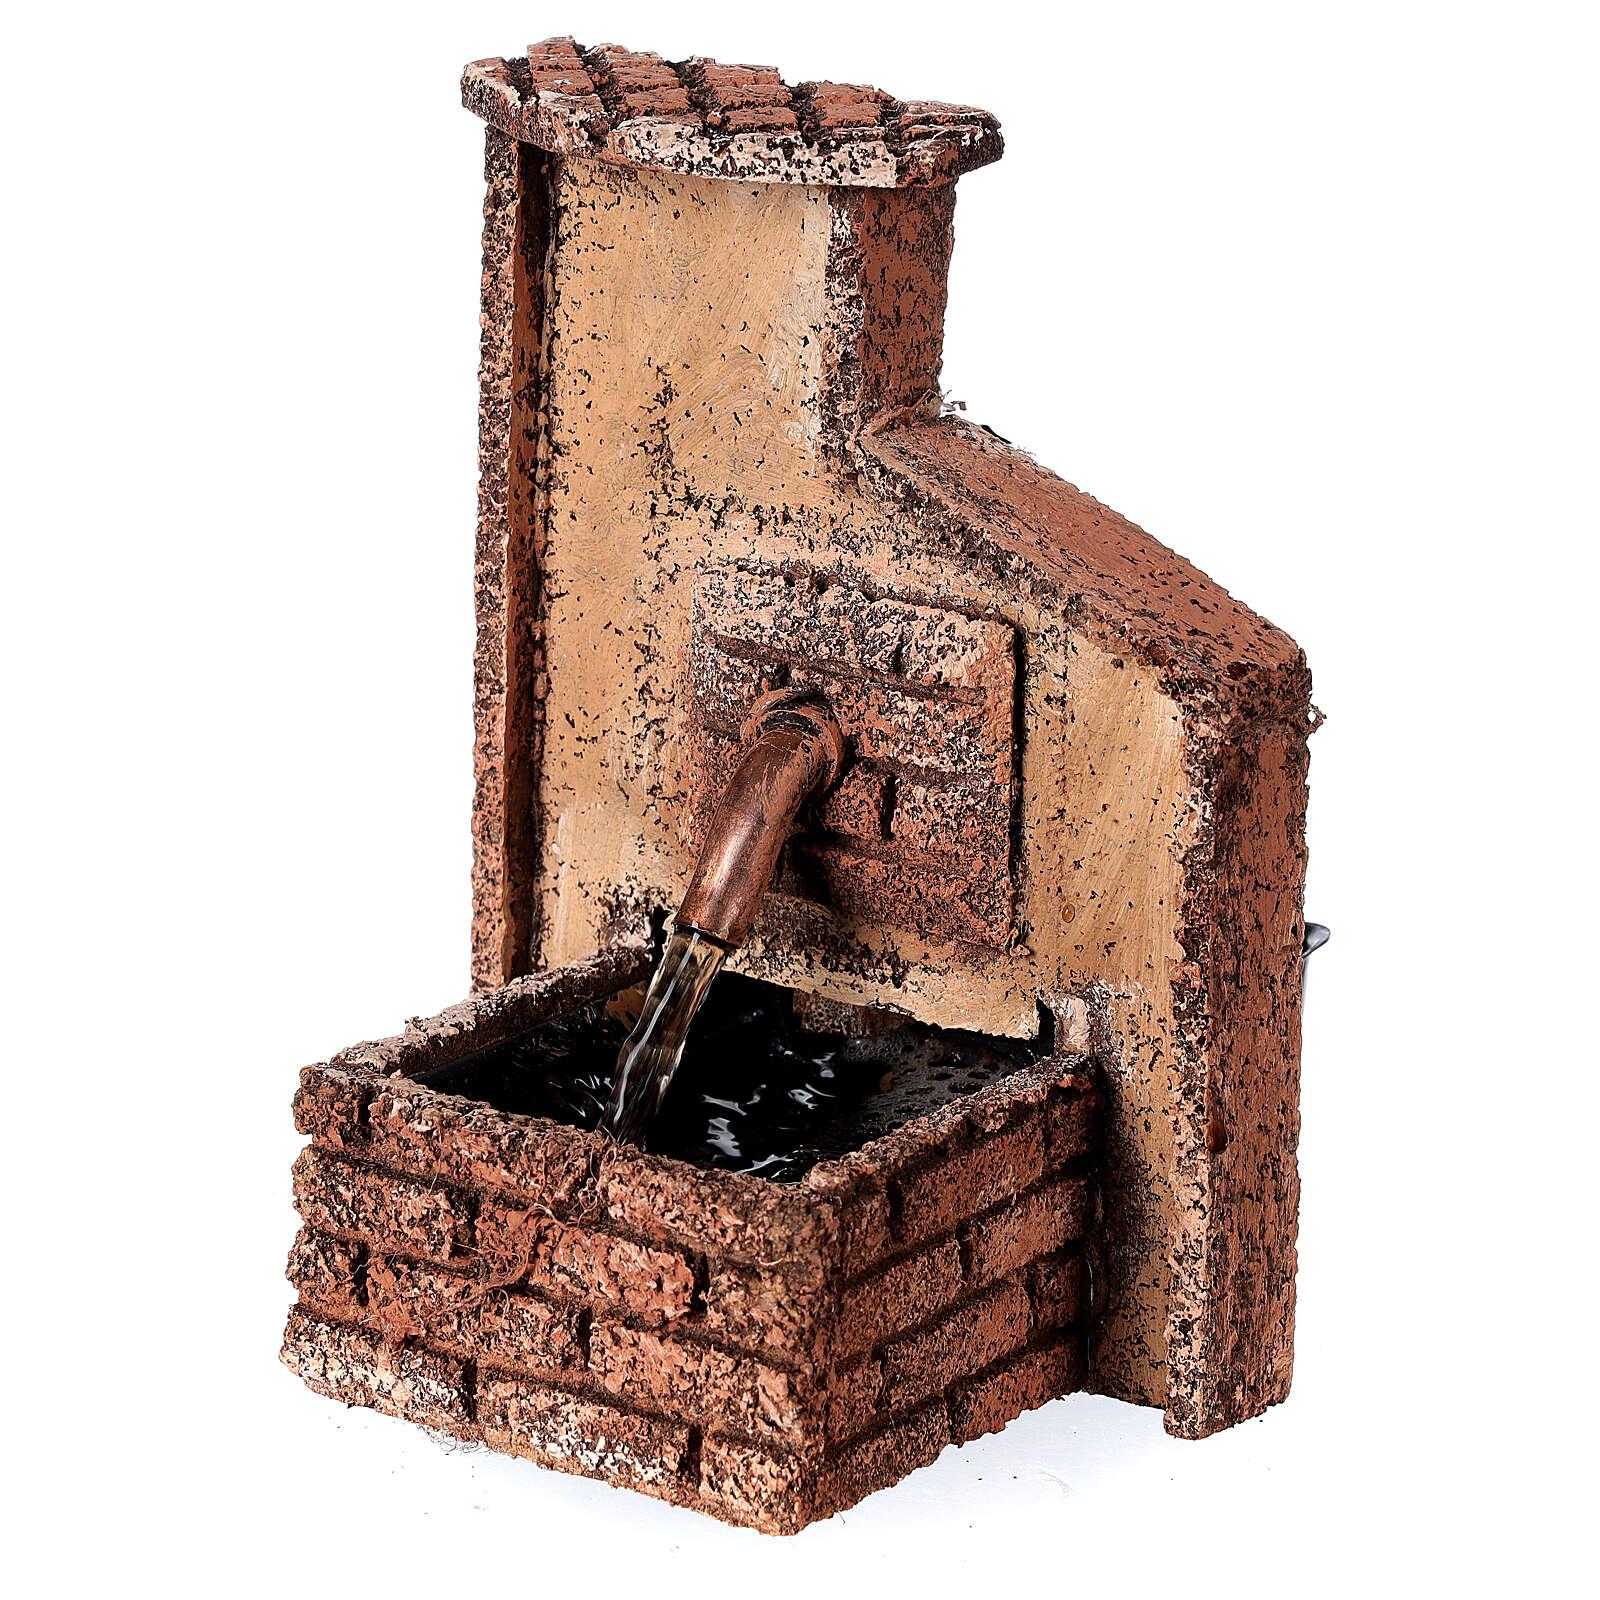 Fontana funzionante presepe napoletano 10-12 cm sughero 15x10x10 cm 4